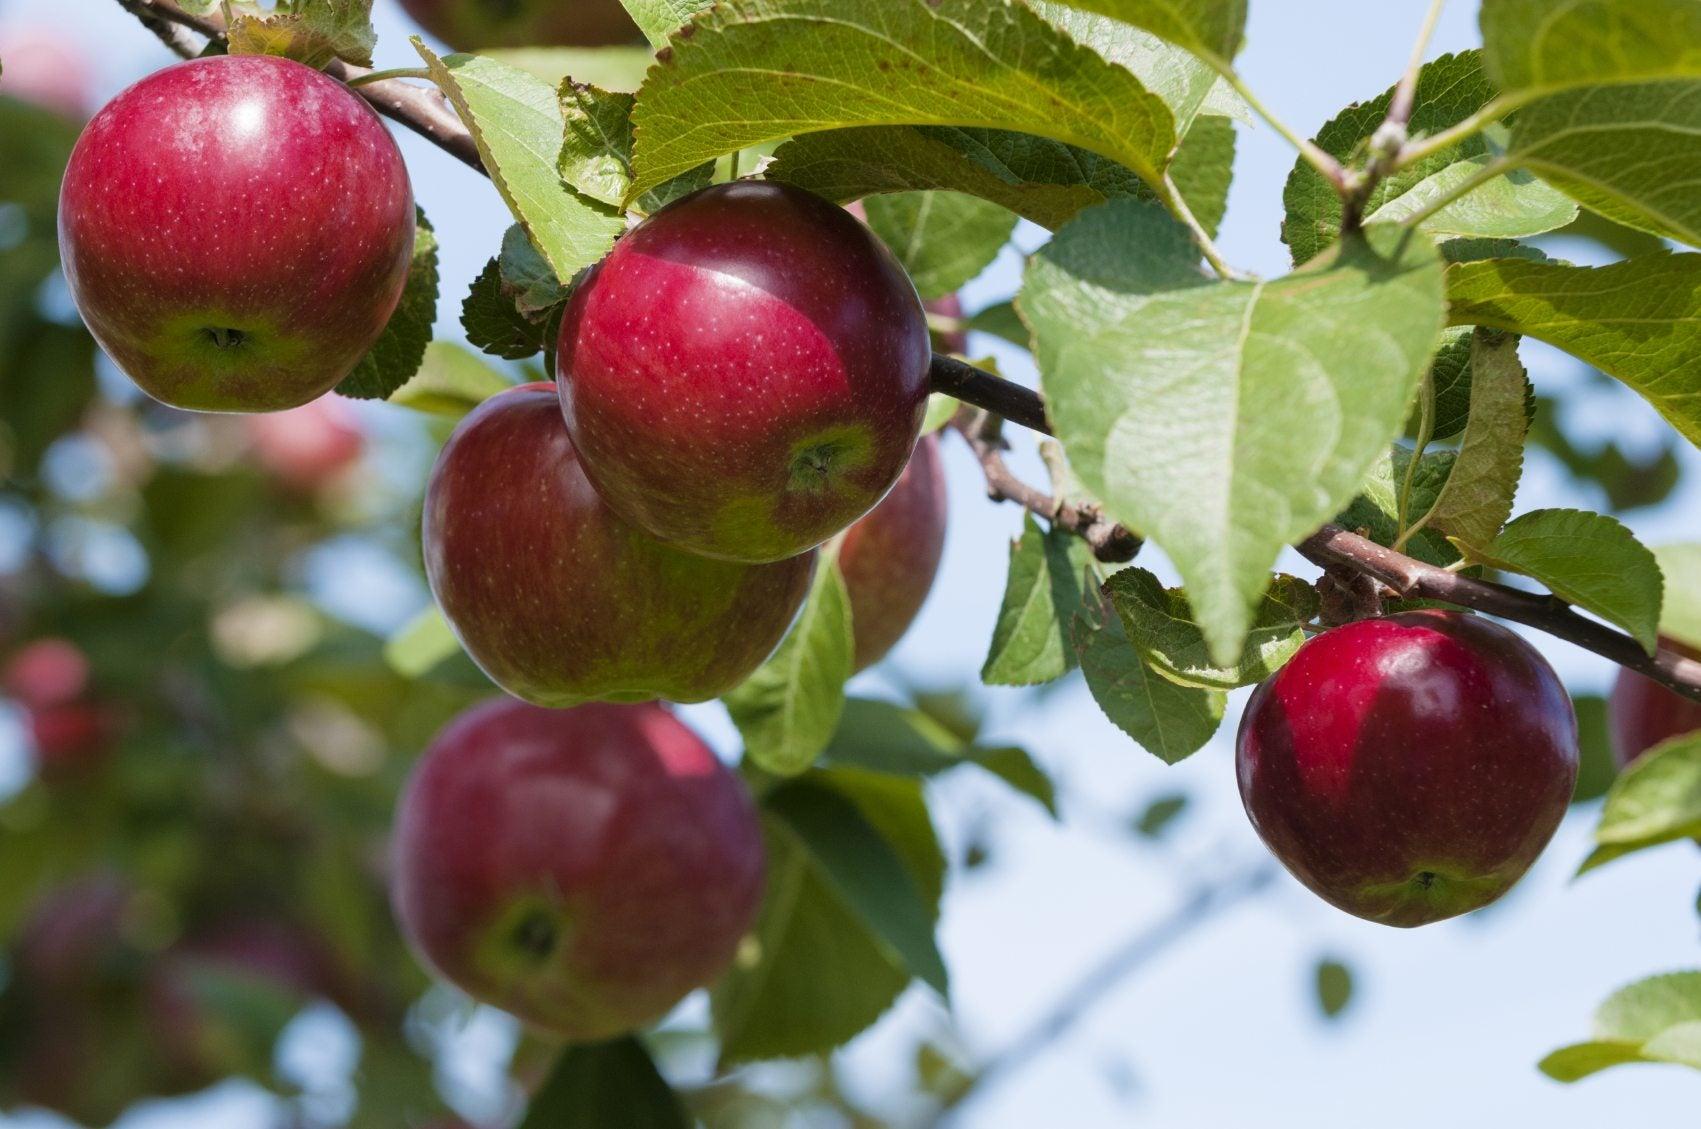 Fertilizing Apple Trees In The Garden Learn About Fertilizer For Apples